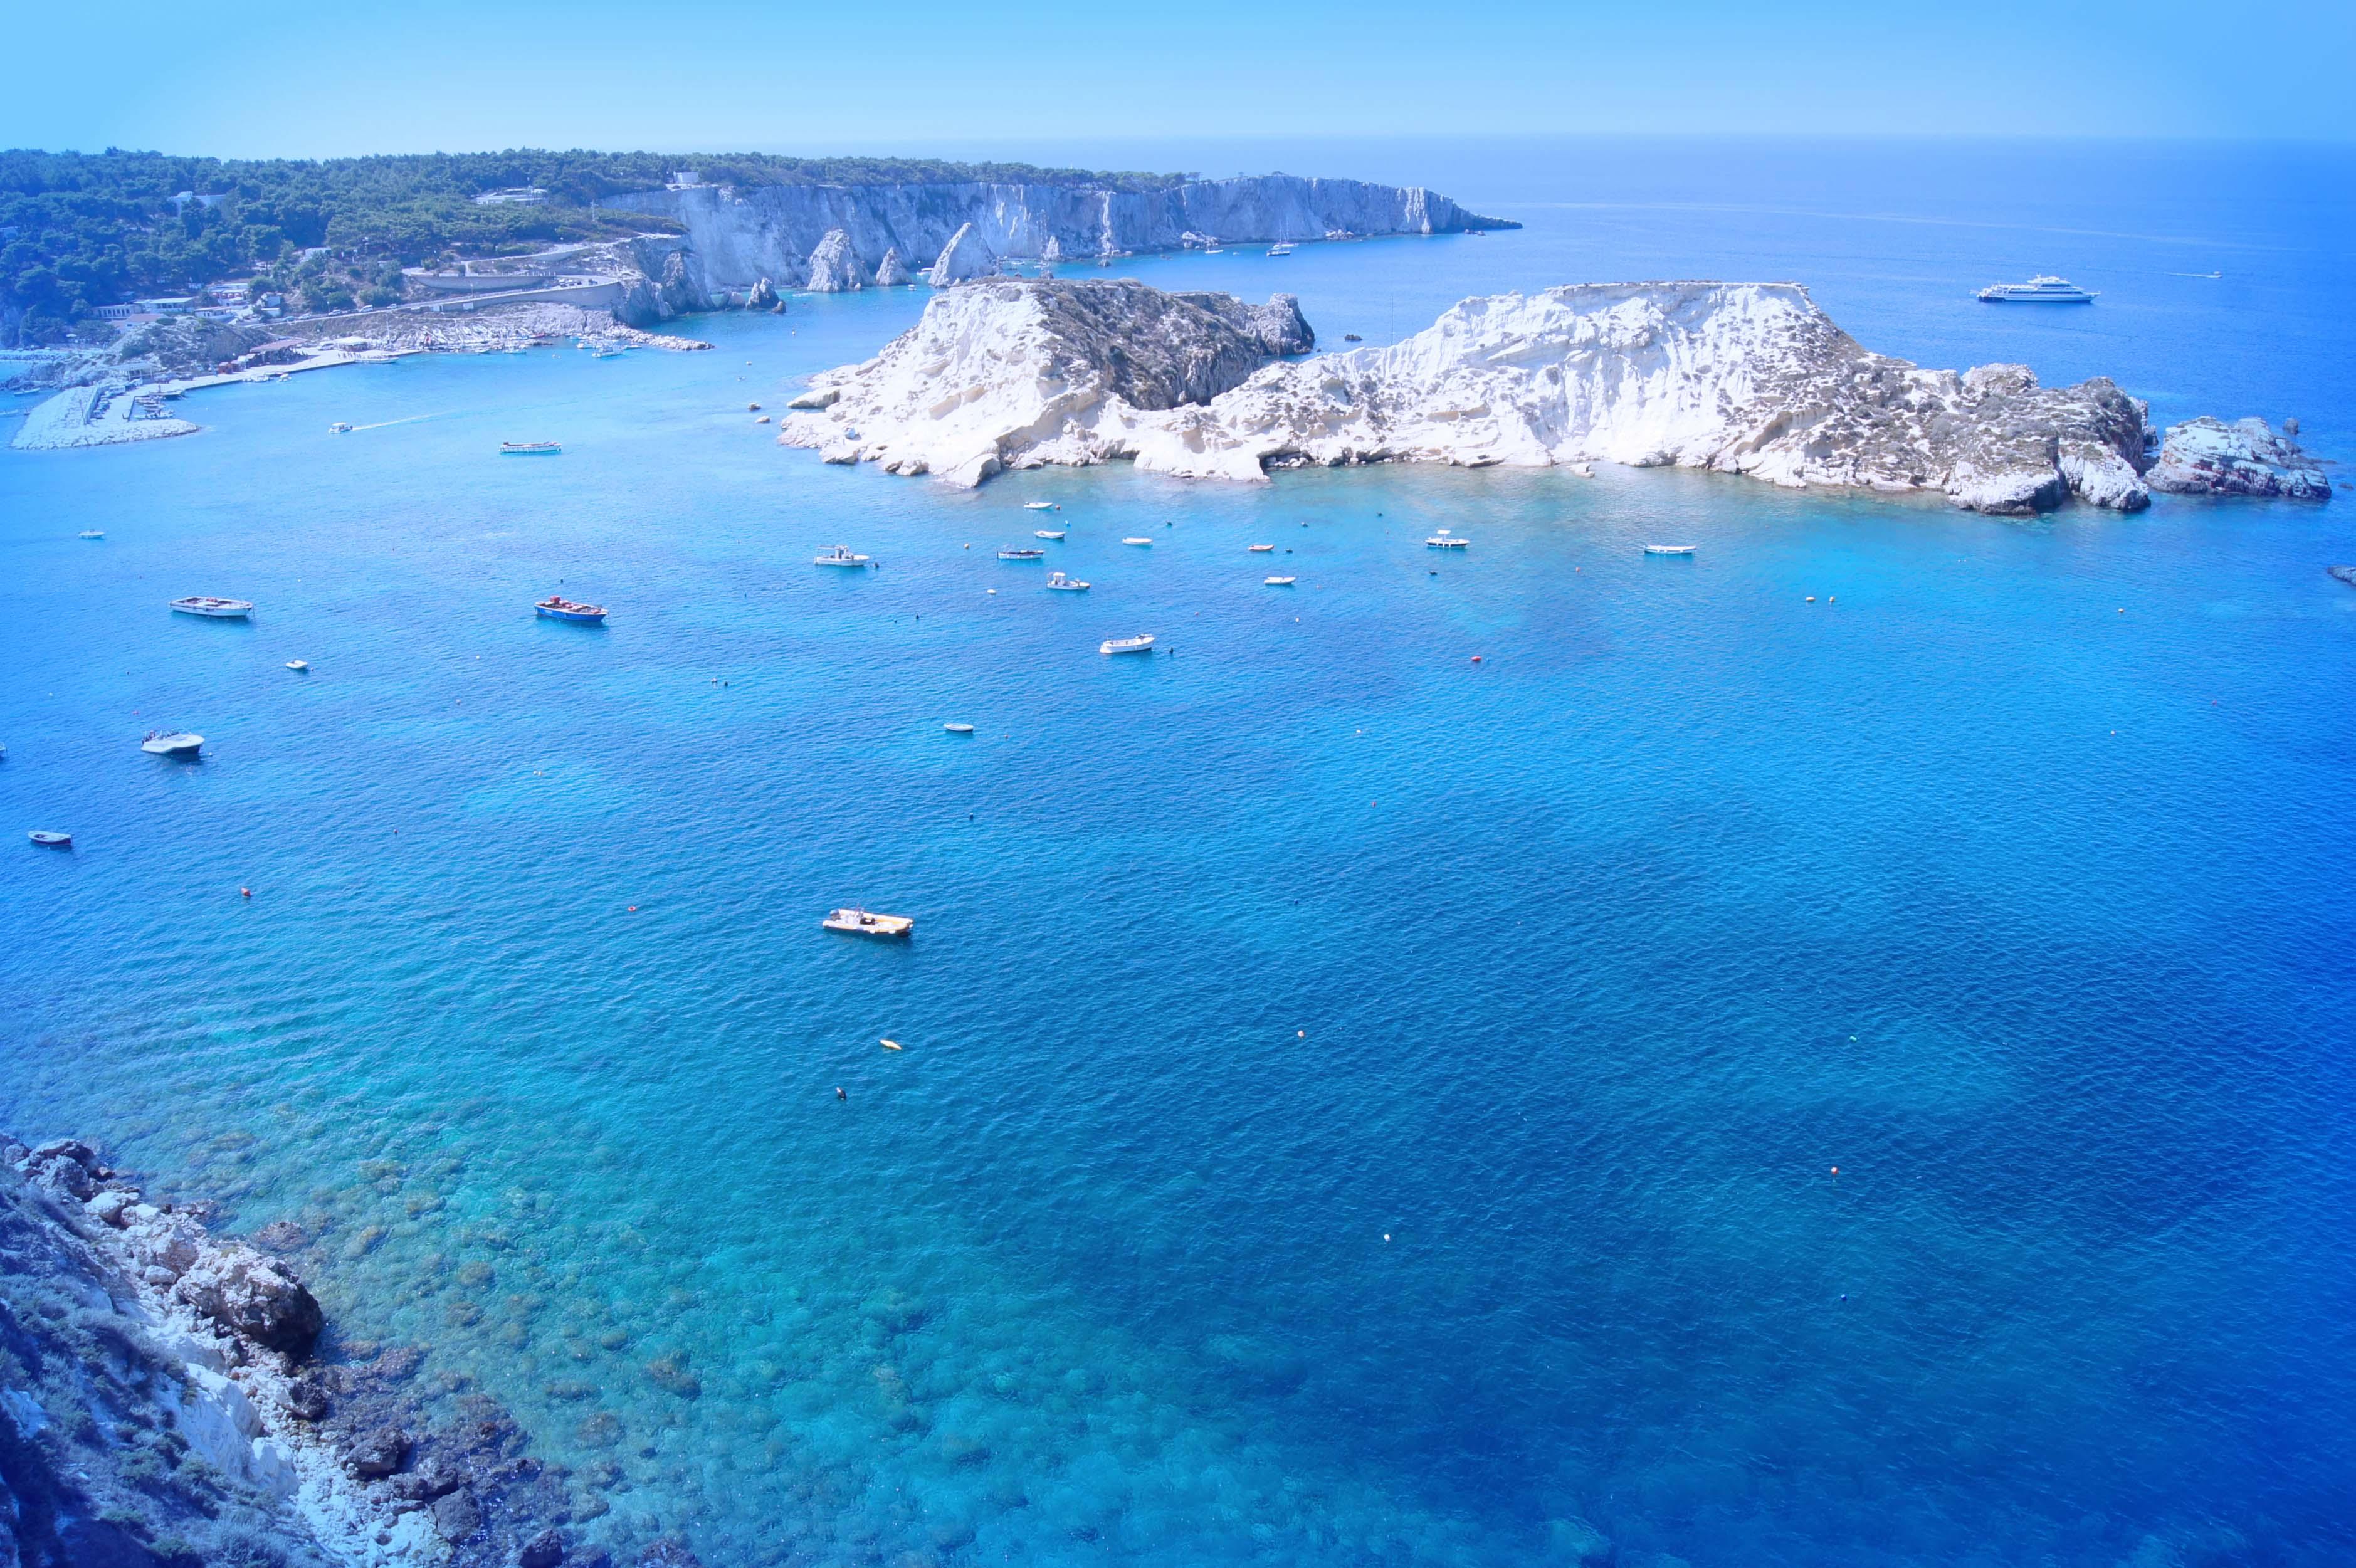 Cartina Puglia Isole Tremiti.Isole Tremiti Un Angolo Meraviglioso Della Puglia Supereva